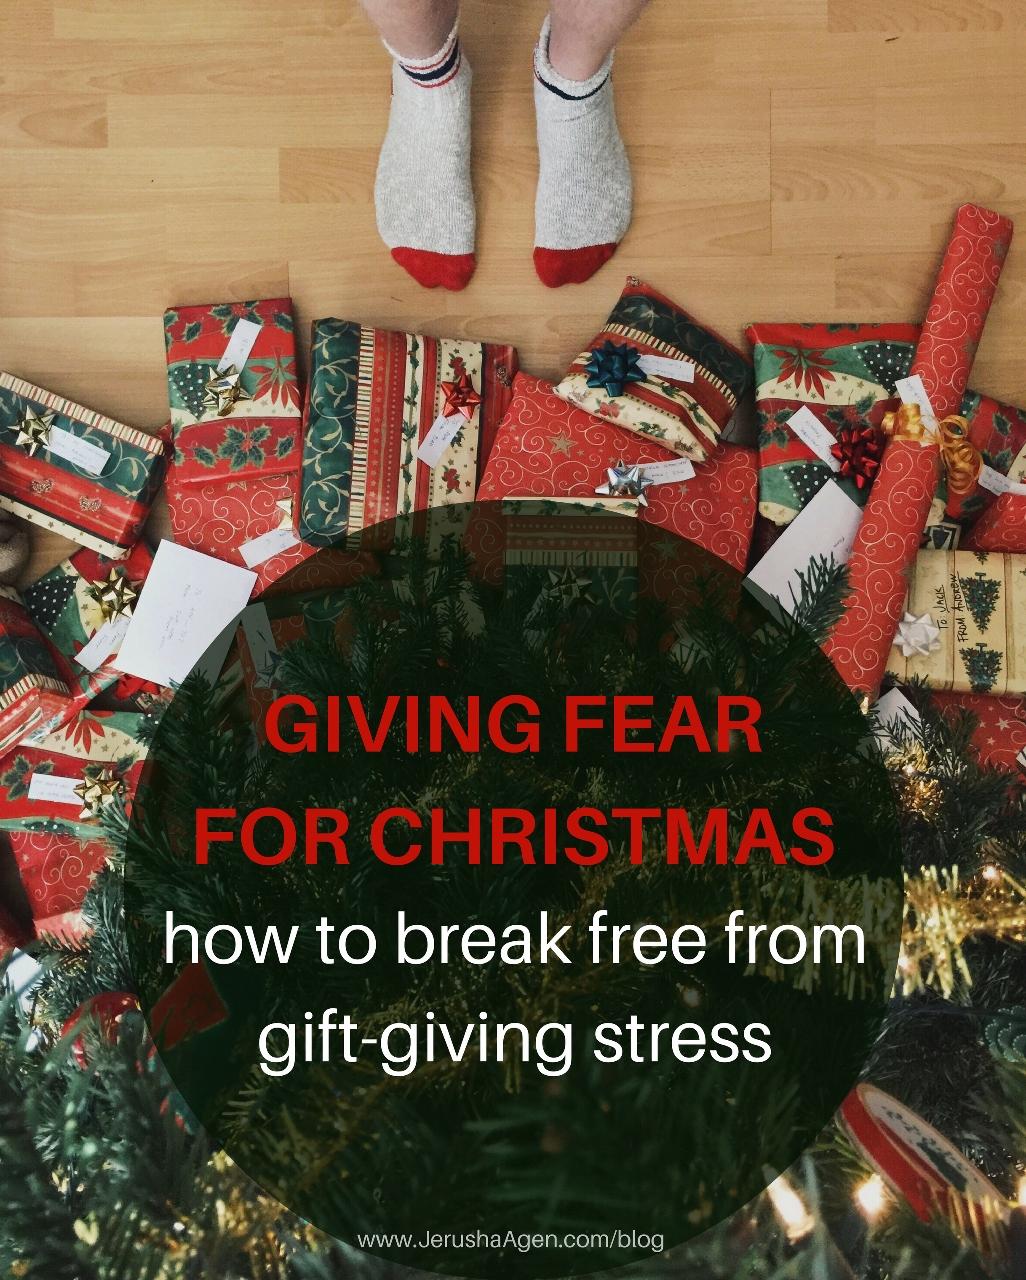 giving-fear-for-christmas-blog-meme-1-1026x1280